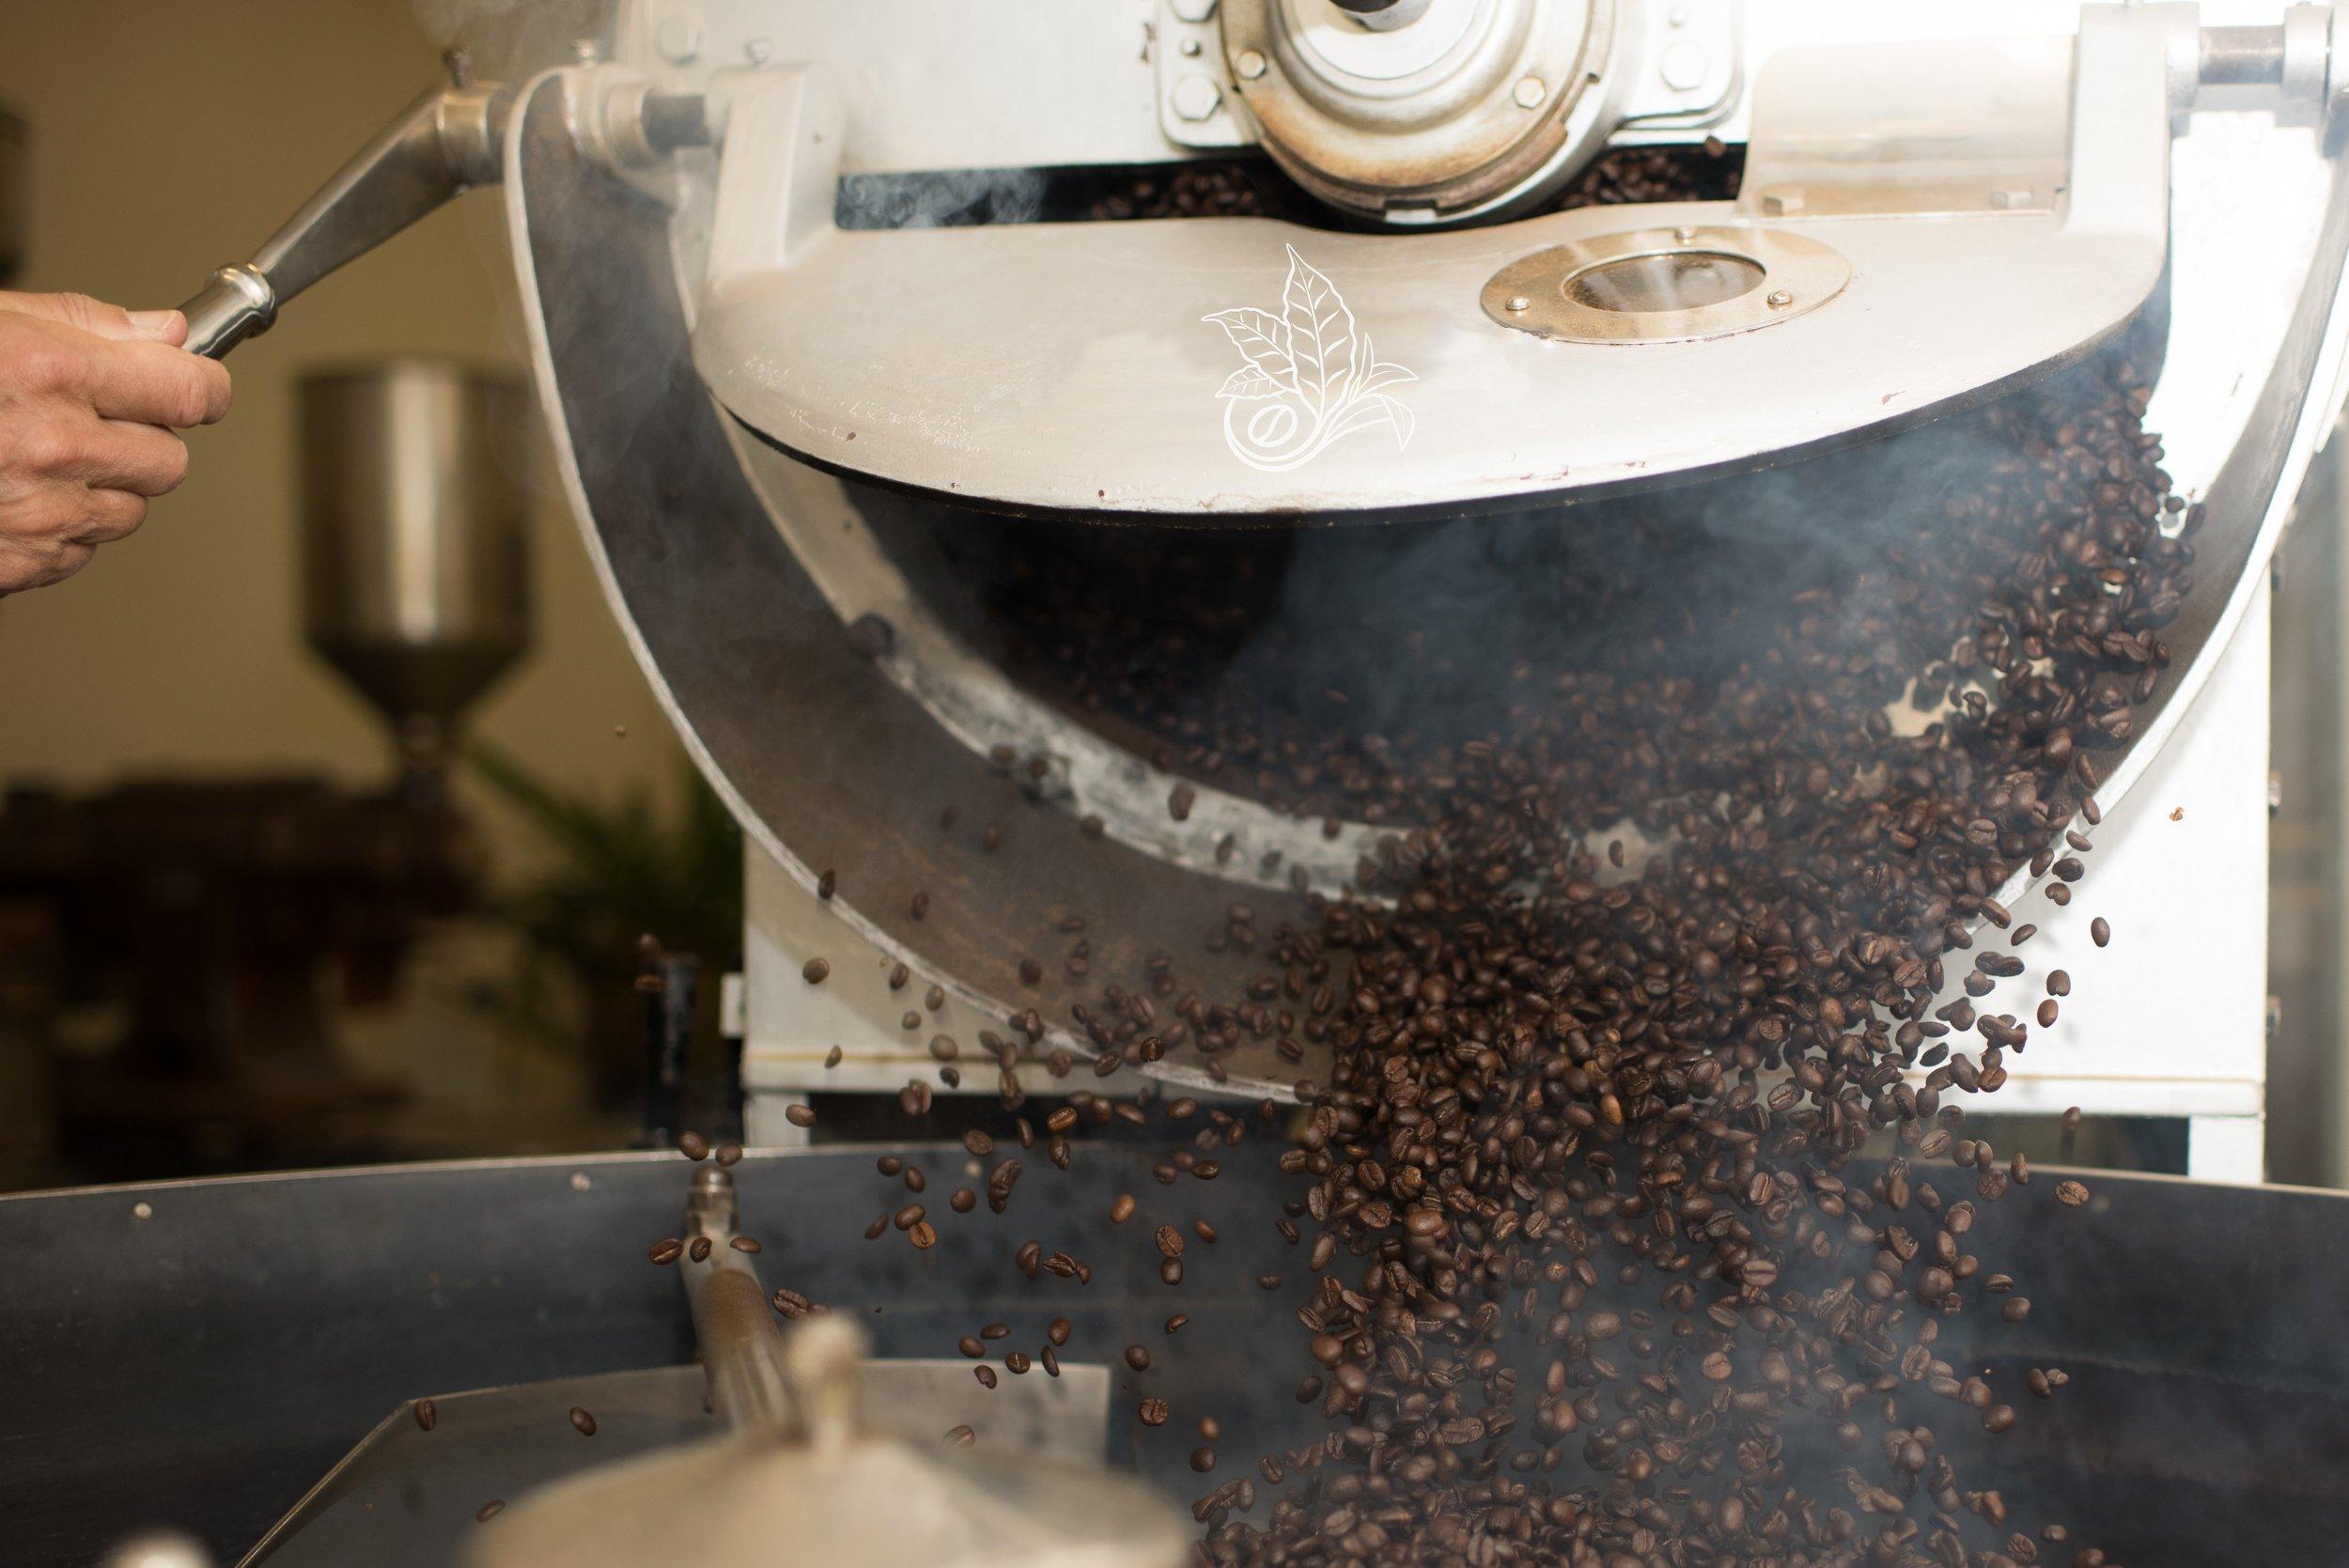 Kona Coffee Roasted